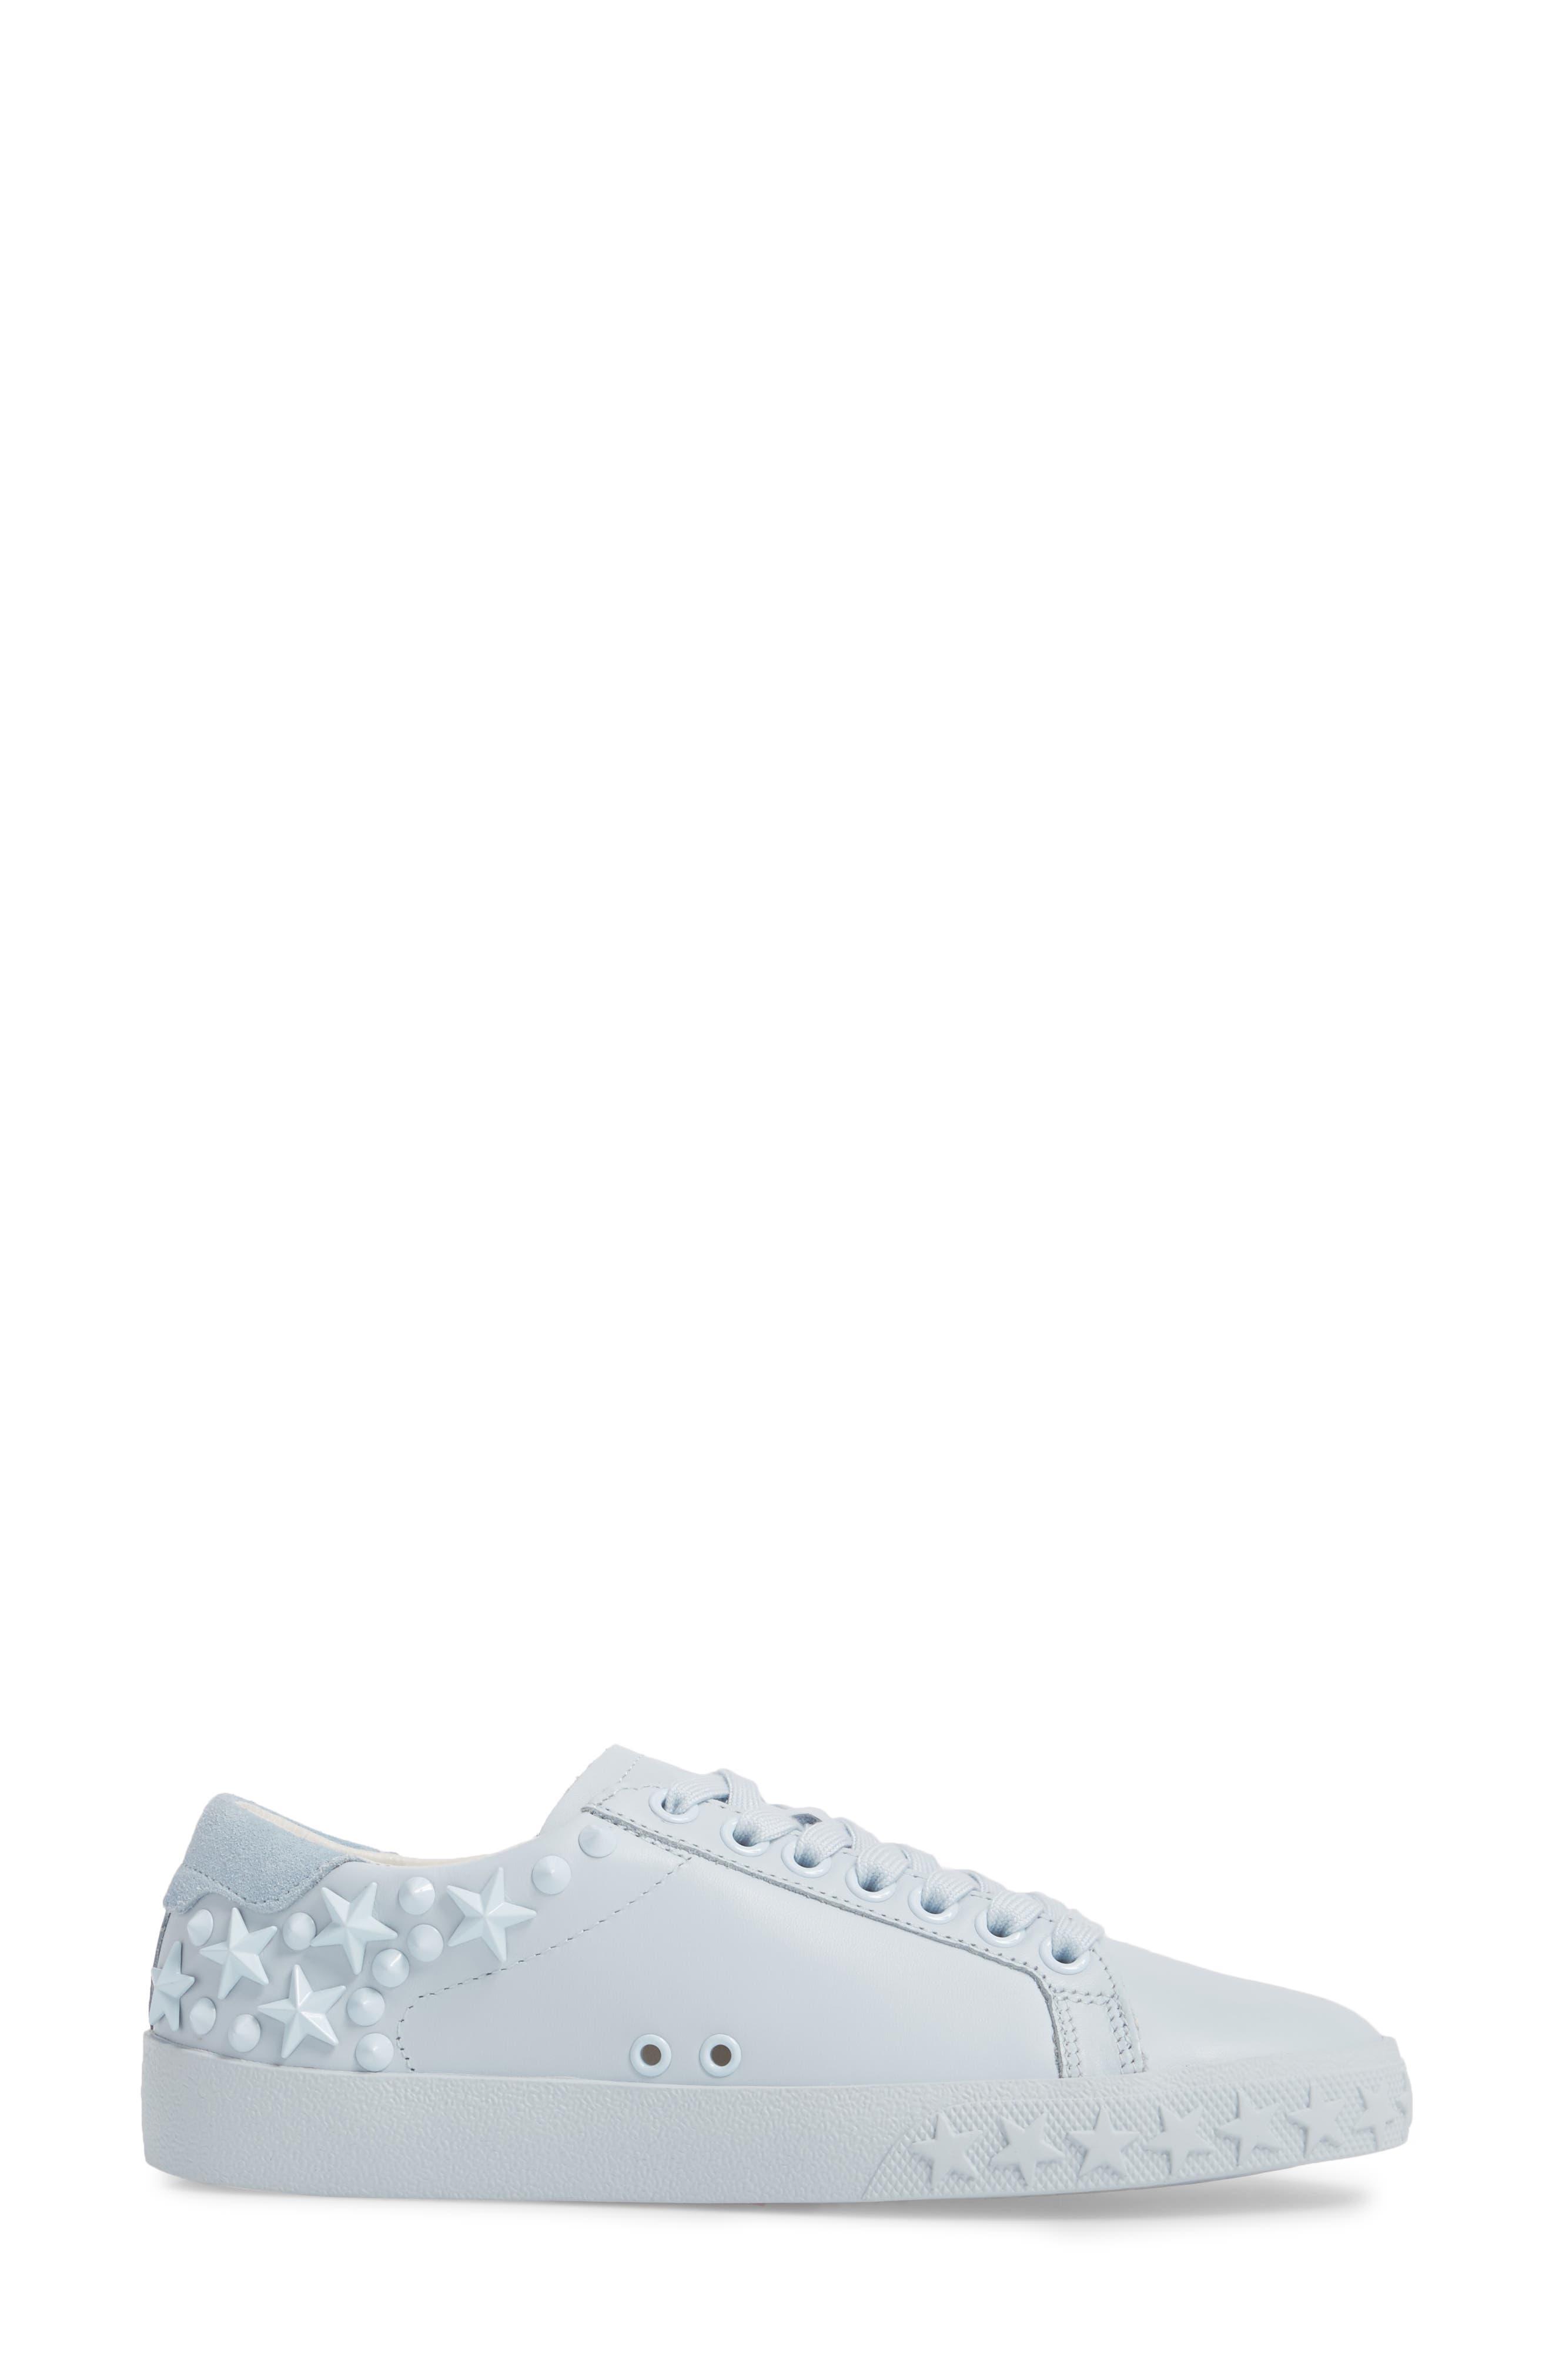 Dazed Sneaker,                             Alternate thumbnail 3, color,                             Ice Blue